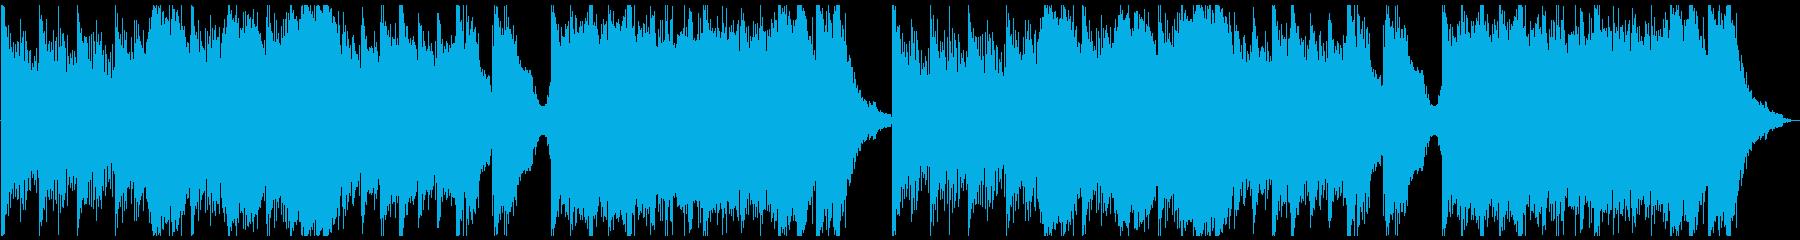 ピアノ&ホラーアンビエントの再生済みの波形